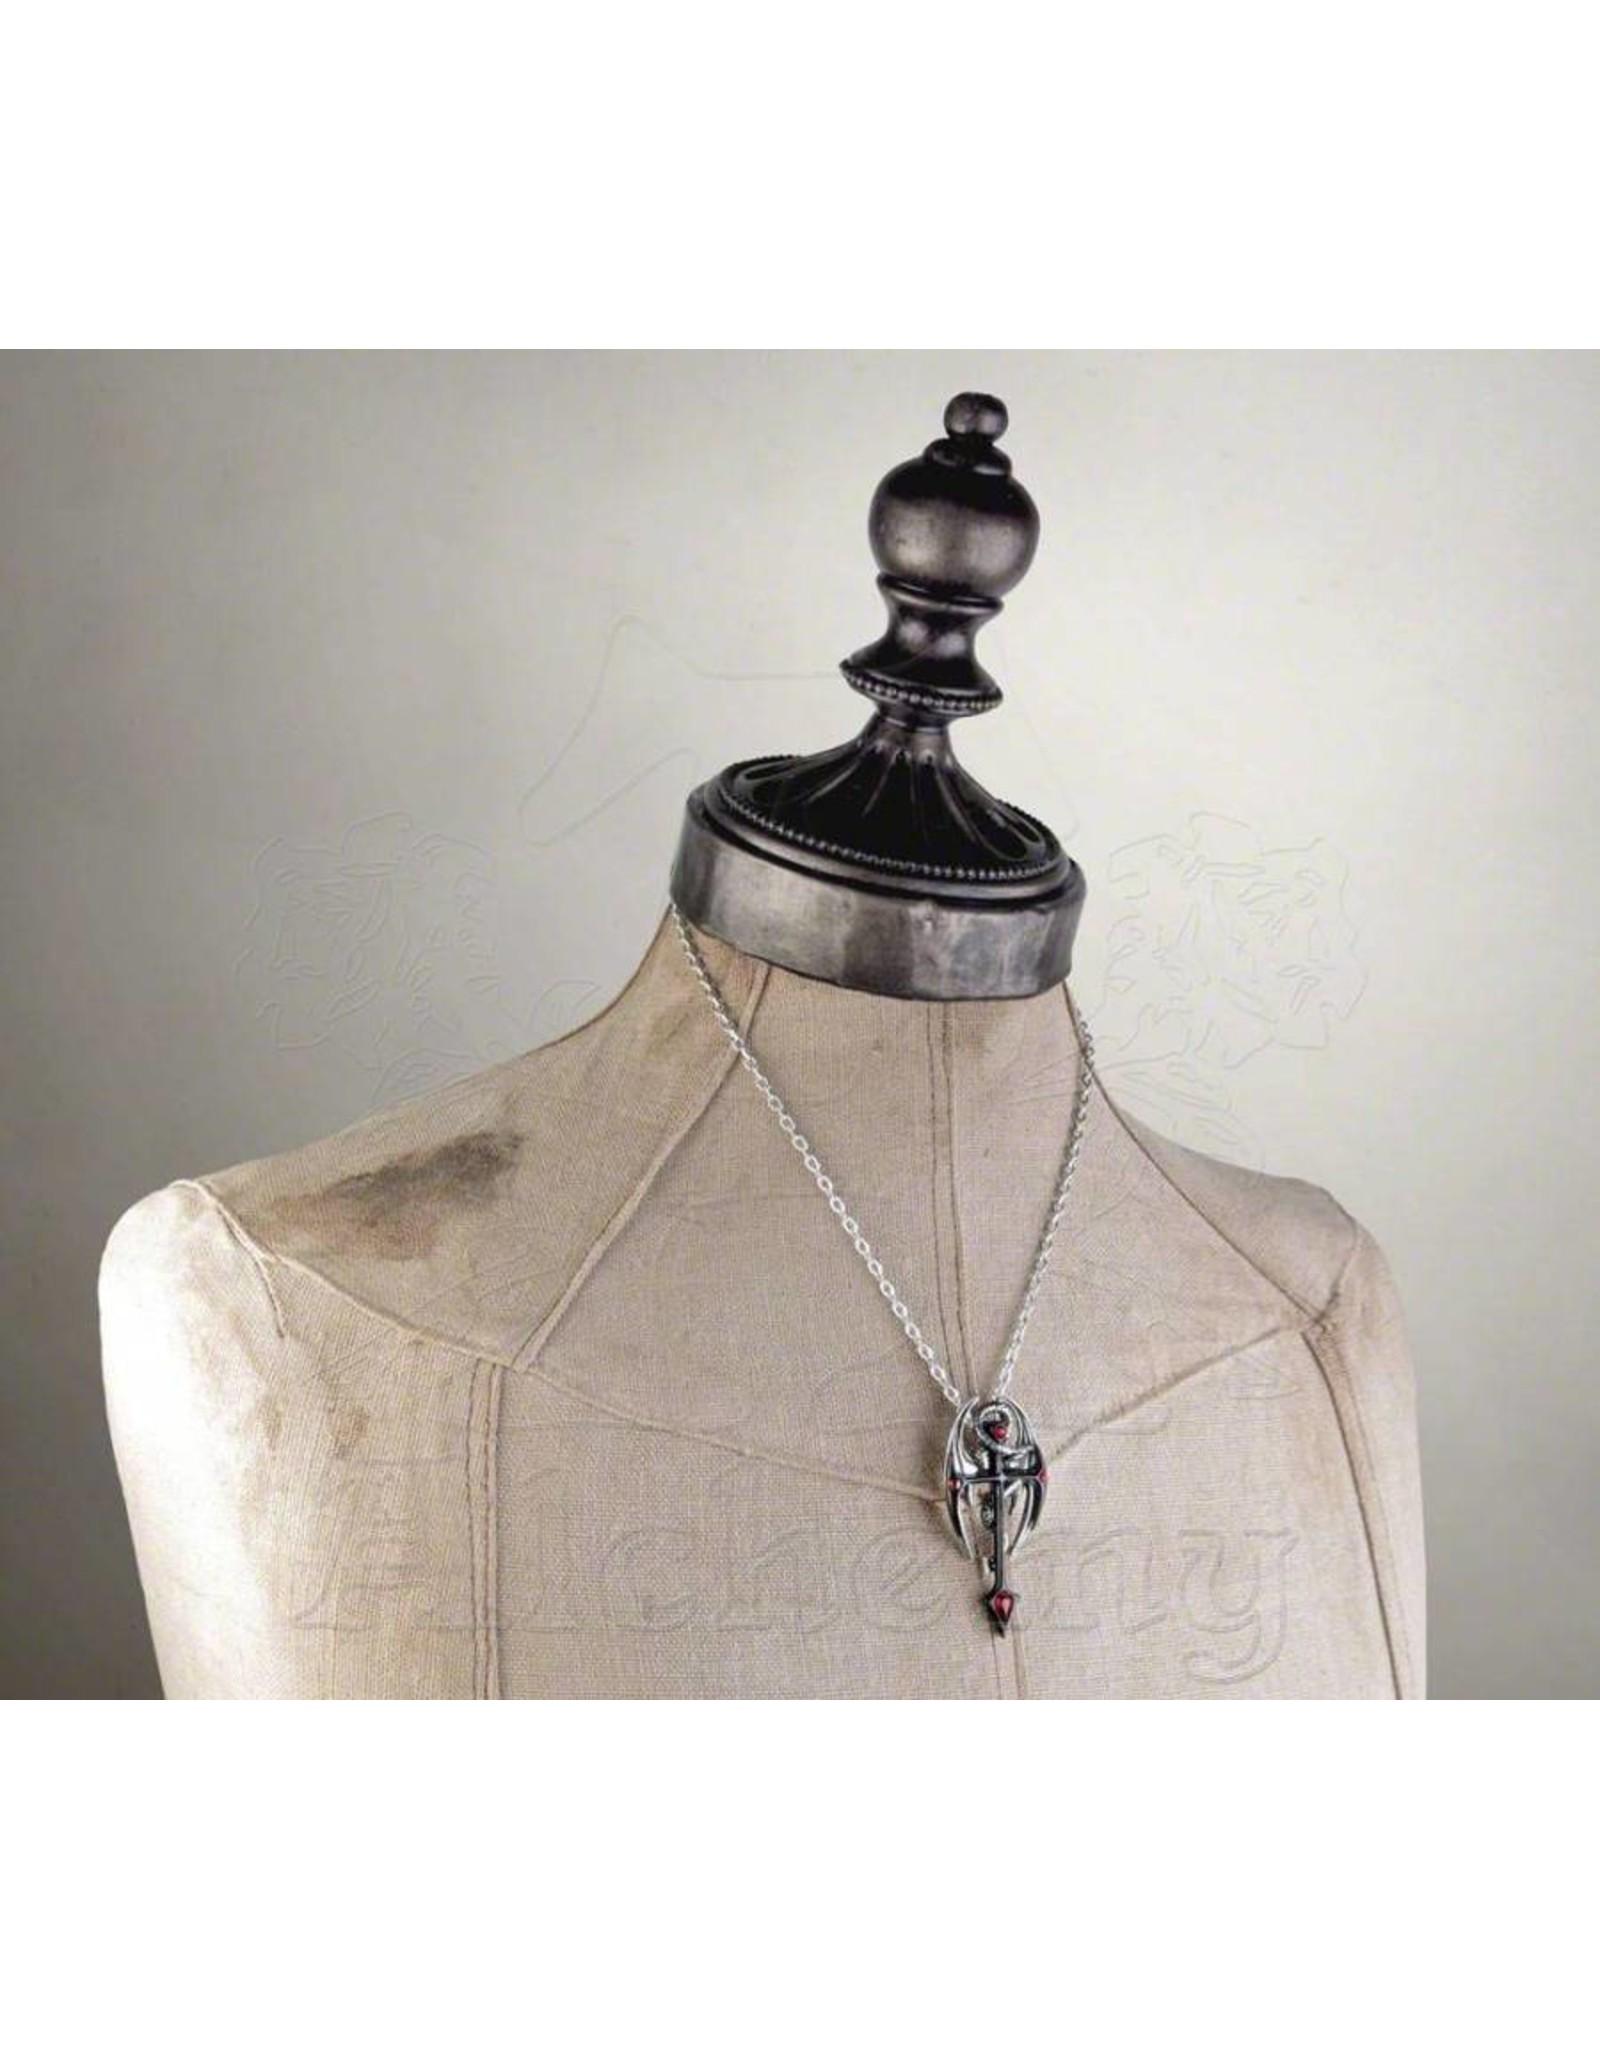 Alchemy Gothic sieraden en accessoires - Dragonkreuz hanger en ketting Alchemy